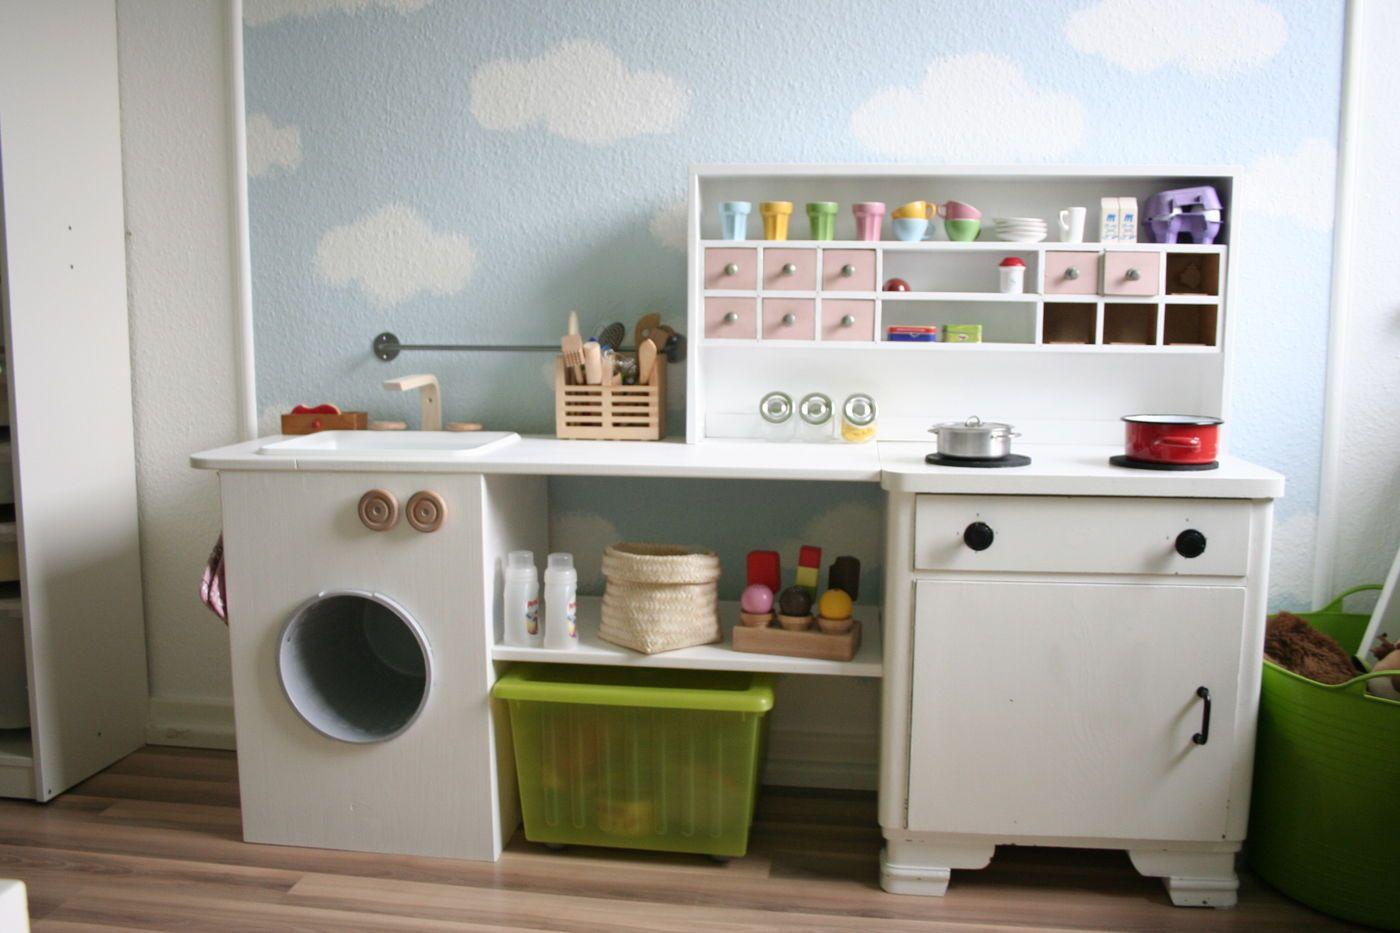 Schone Ideen Fur Kinderkuchen Und Spielkuchen